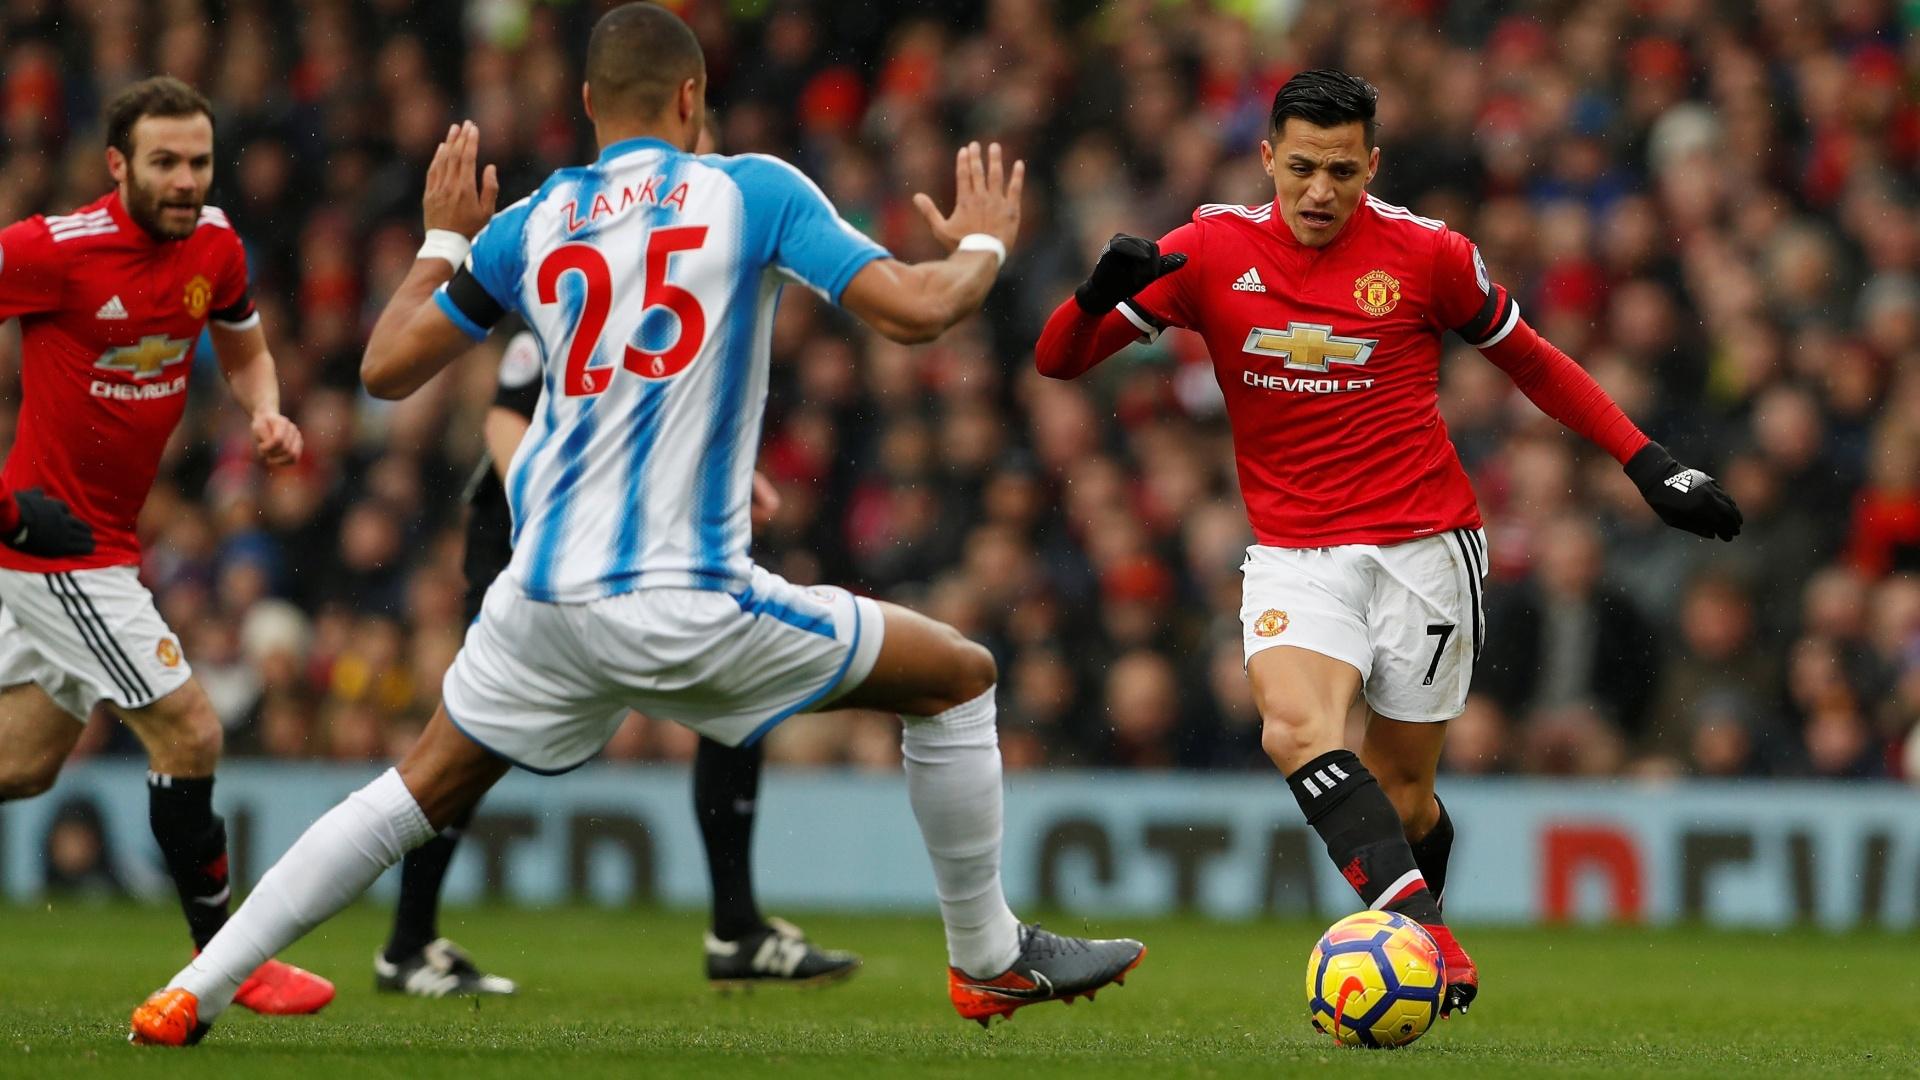 Alexis Sánchez faz a sua estreia no Old Trafford com a camisa do Manchester United